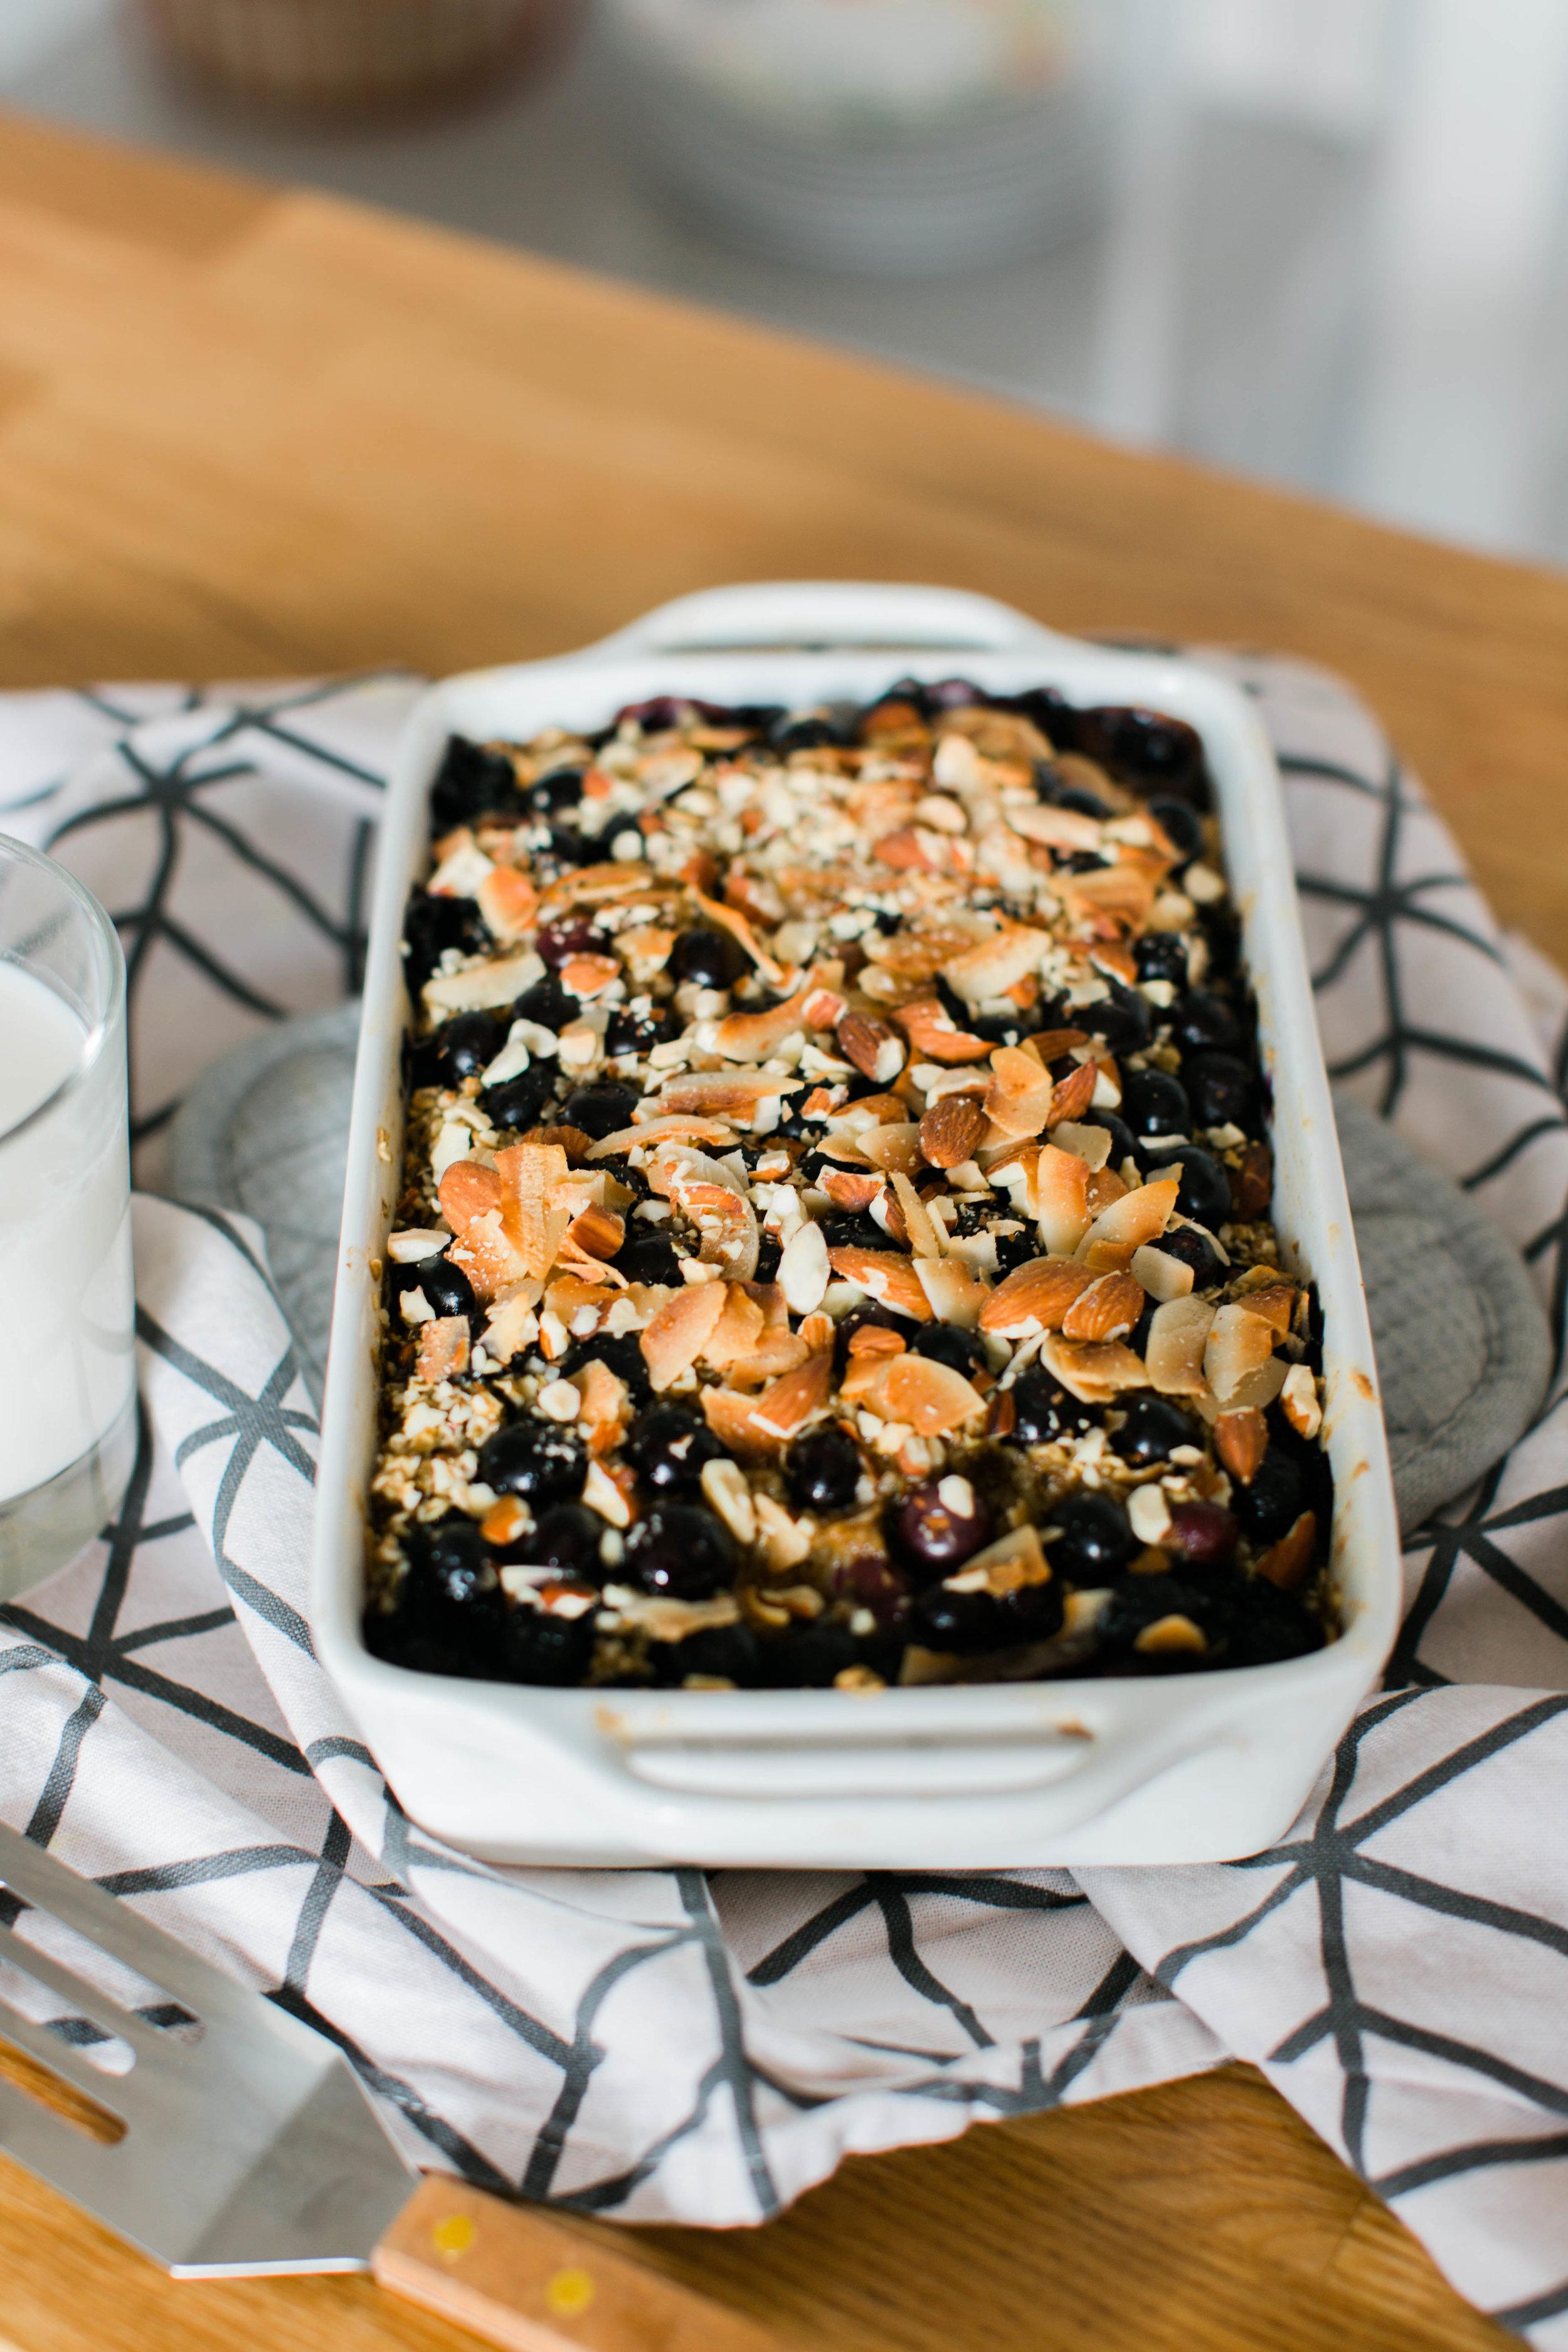 jennahazelphotoghy-baked-oatmeal-6013.jpg